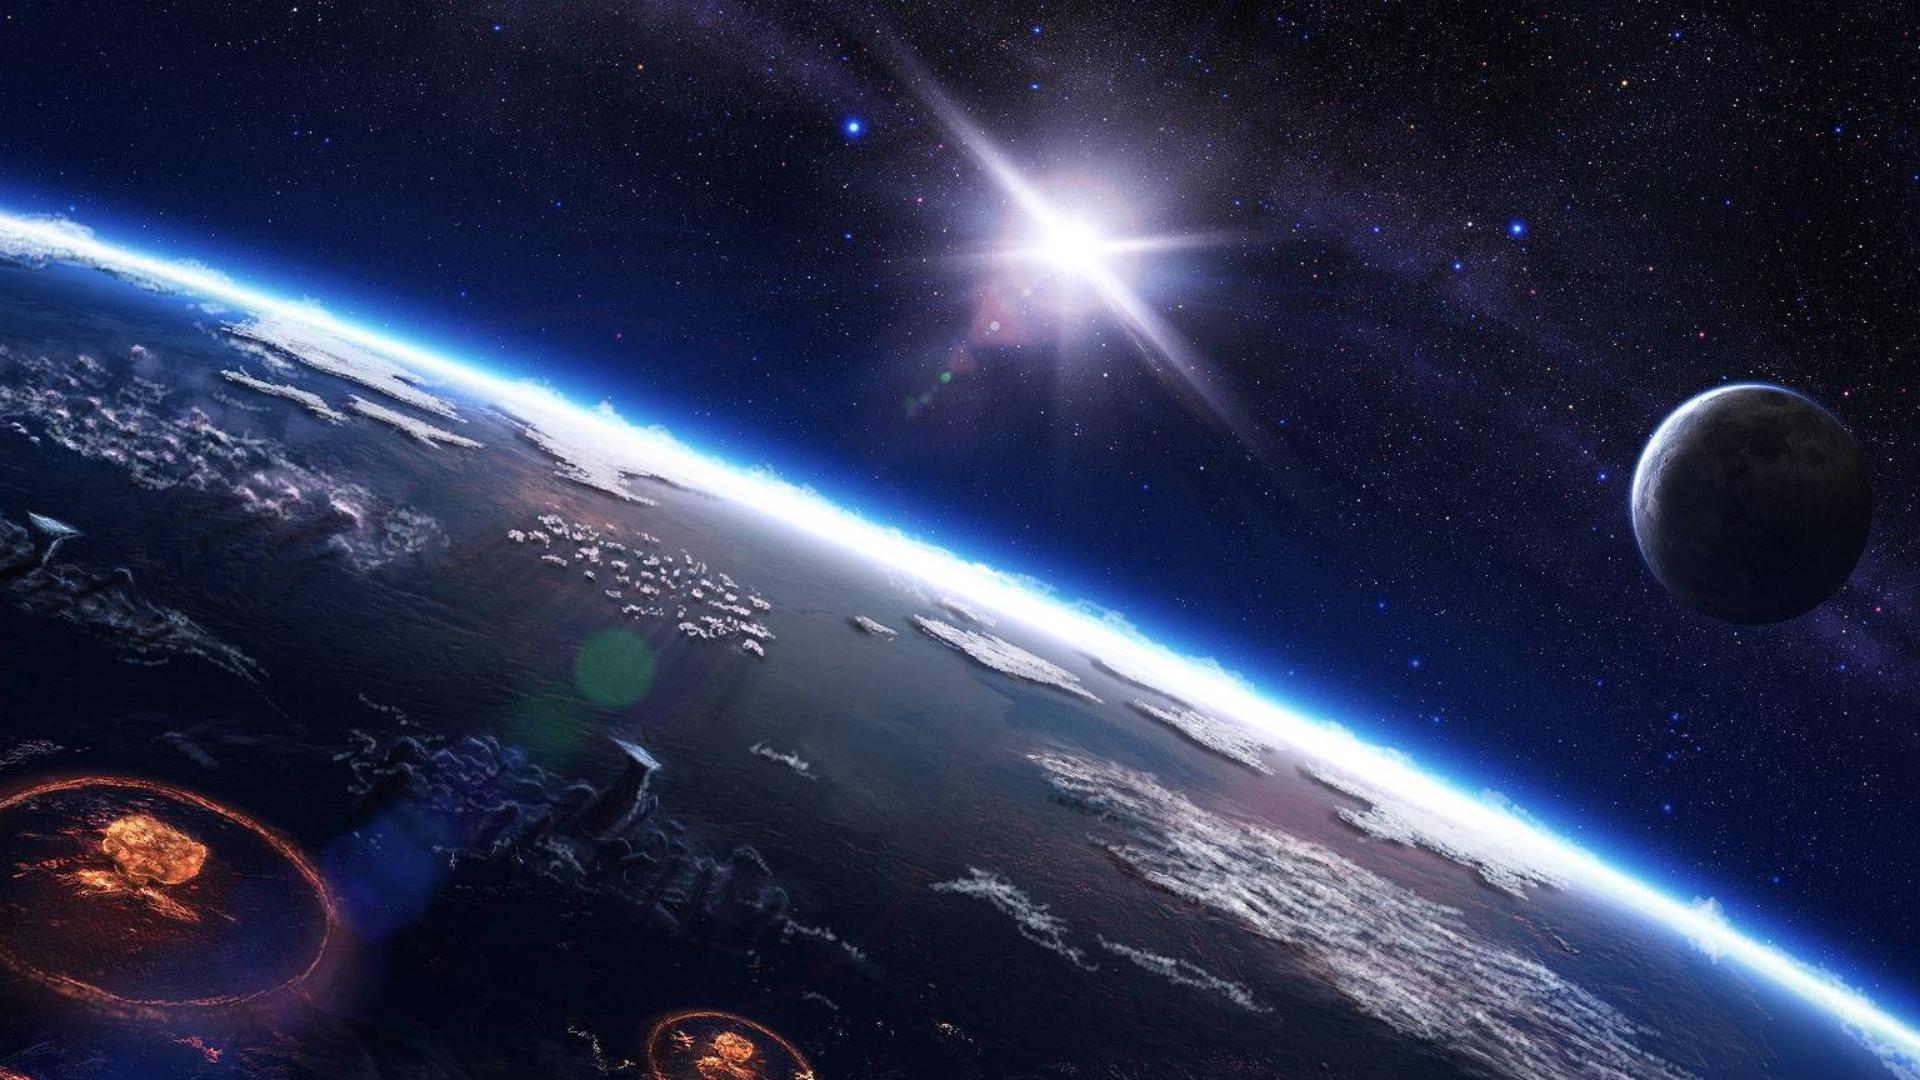 窗外的世界-国际空间站的地球延时